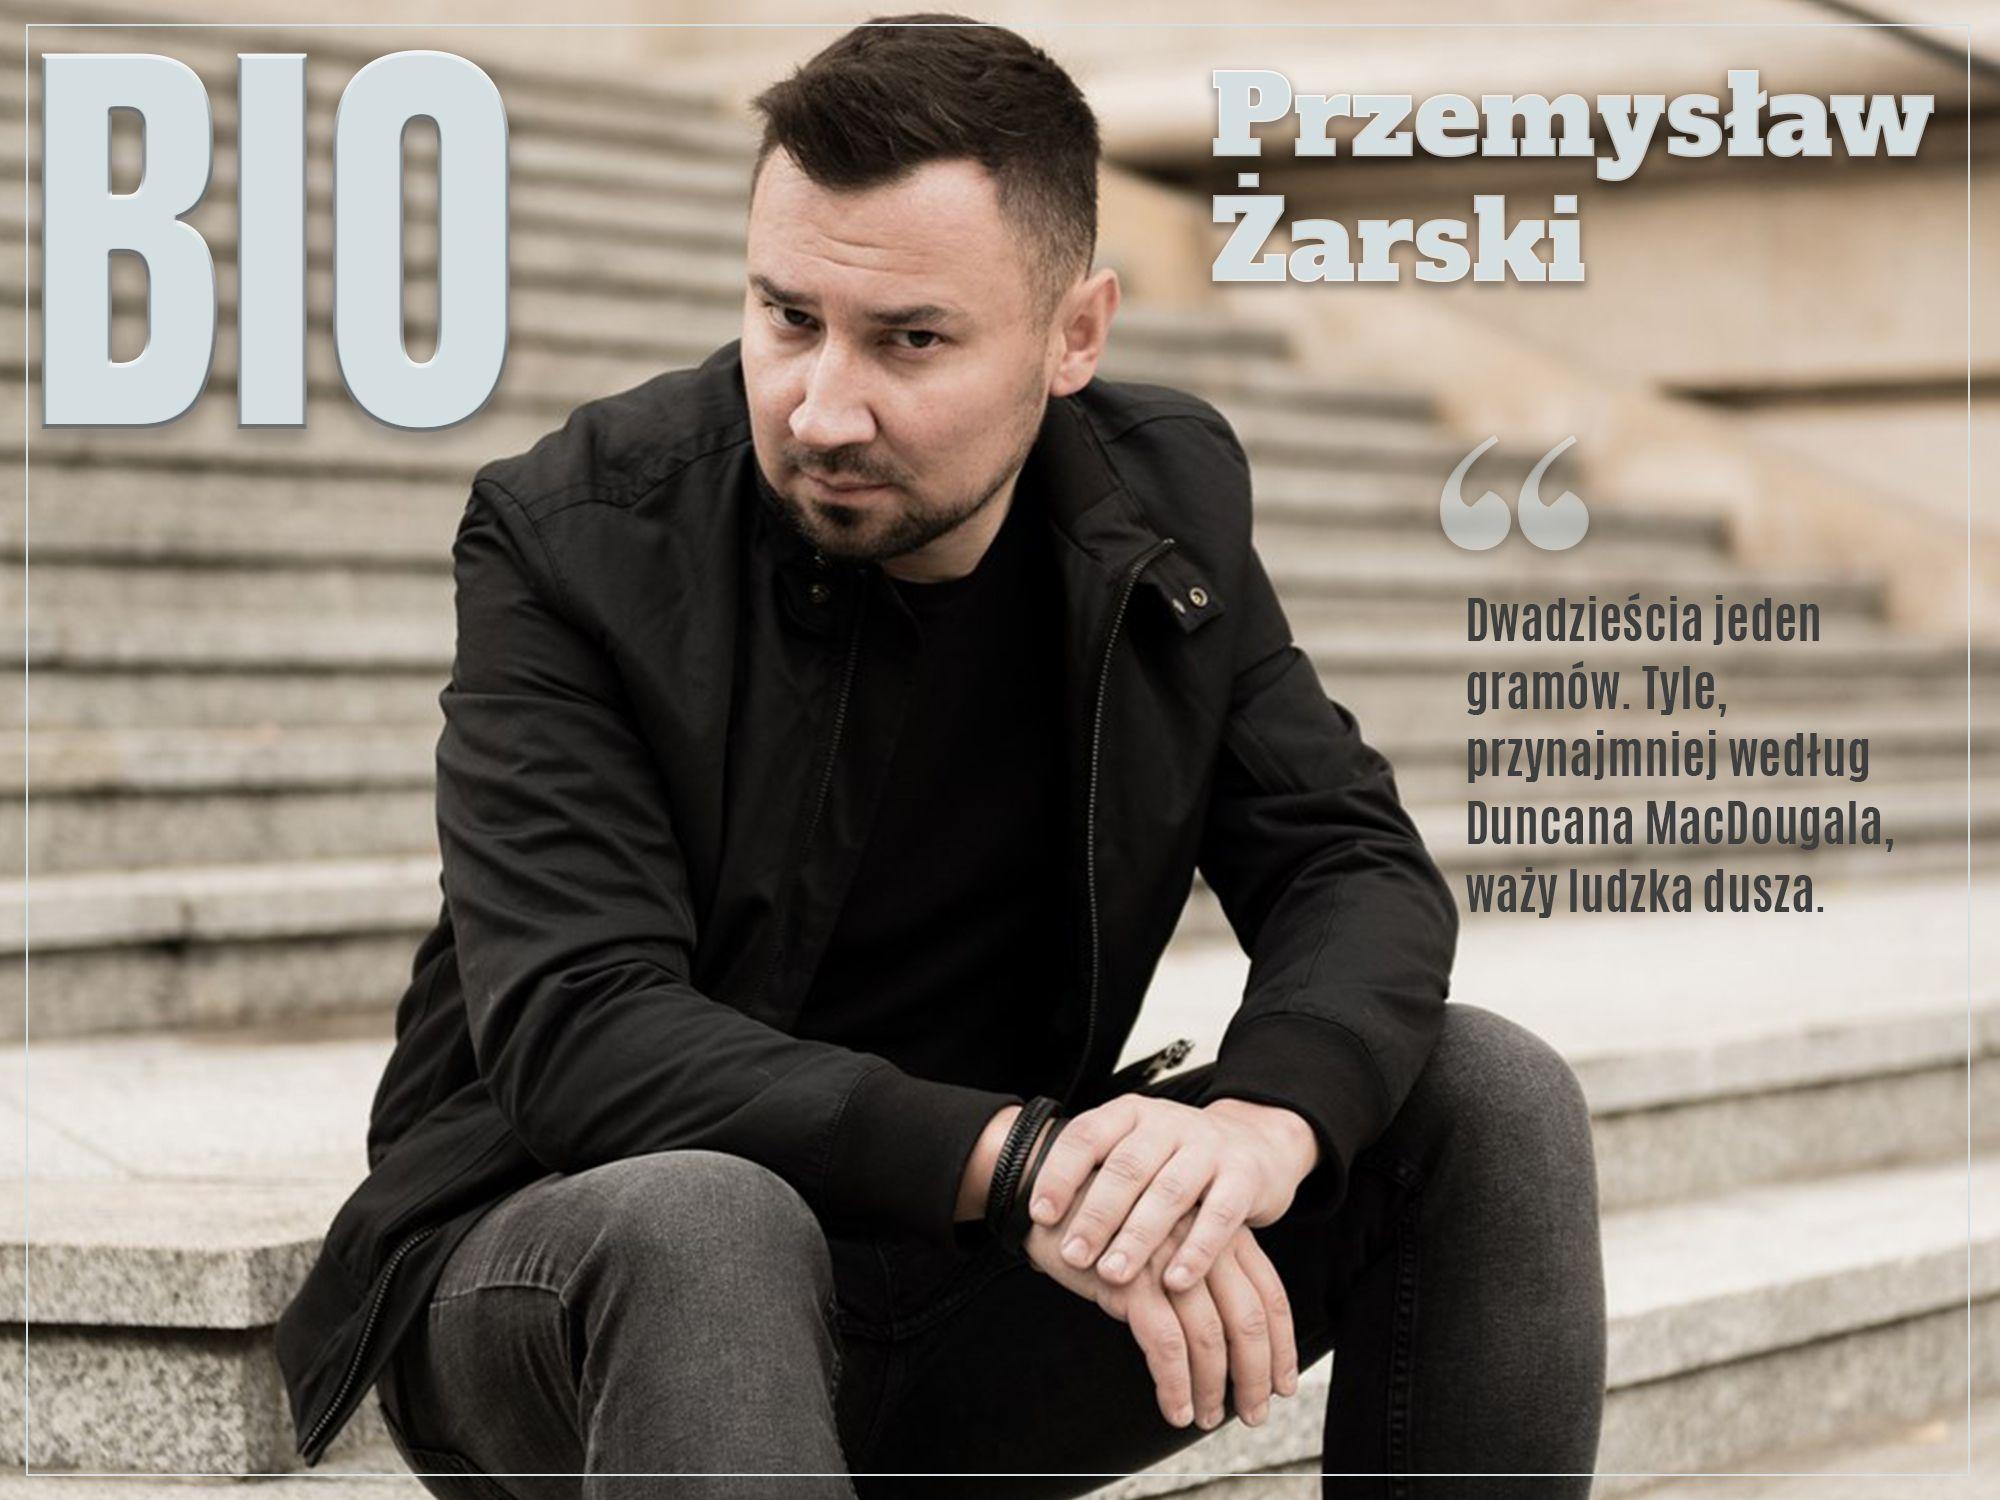 Przemysław Żarski, BIO, zaczytanyksiazkoholik.pl